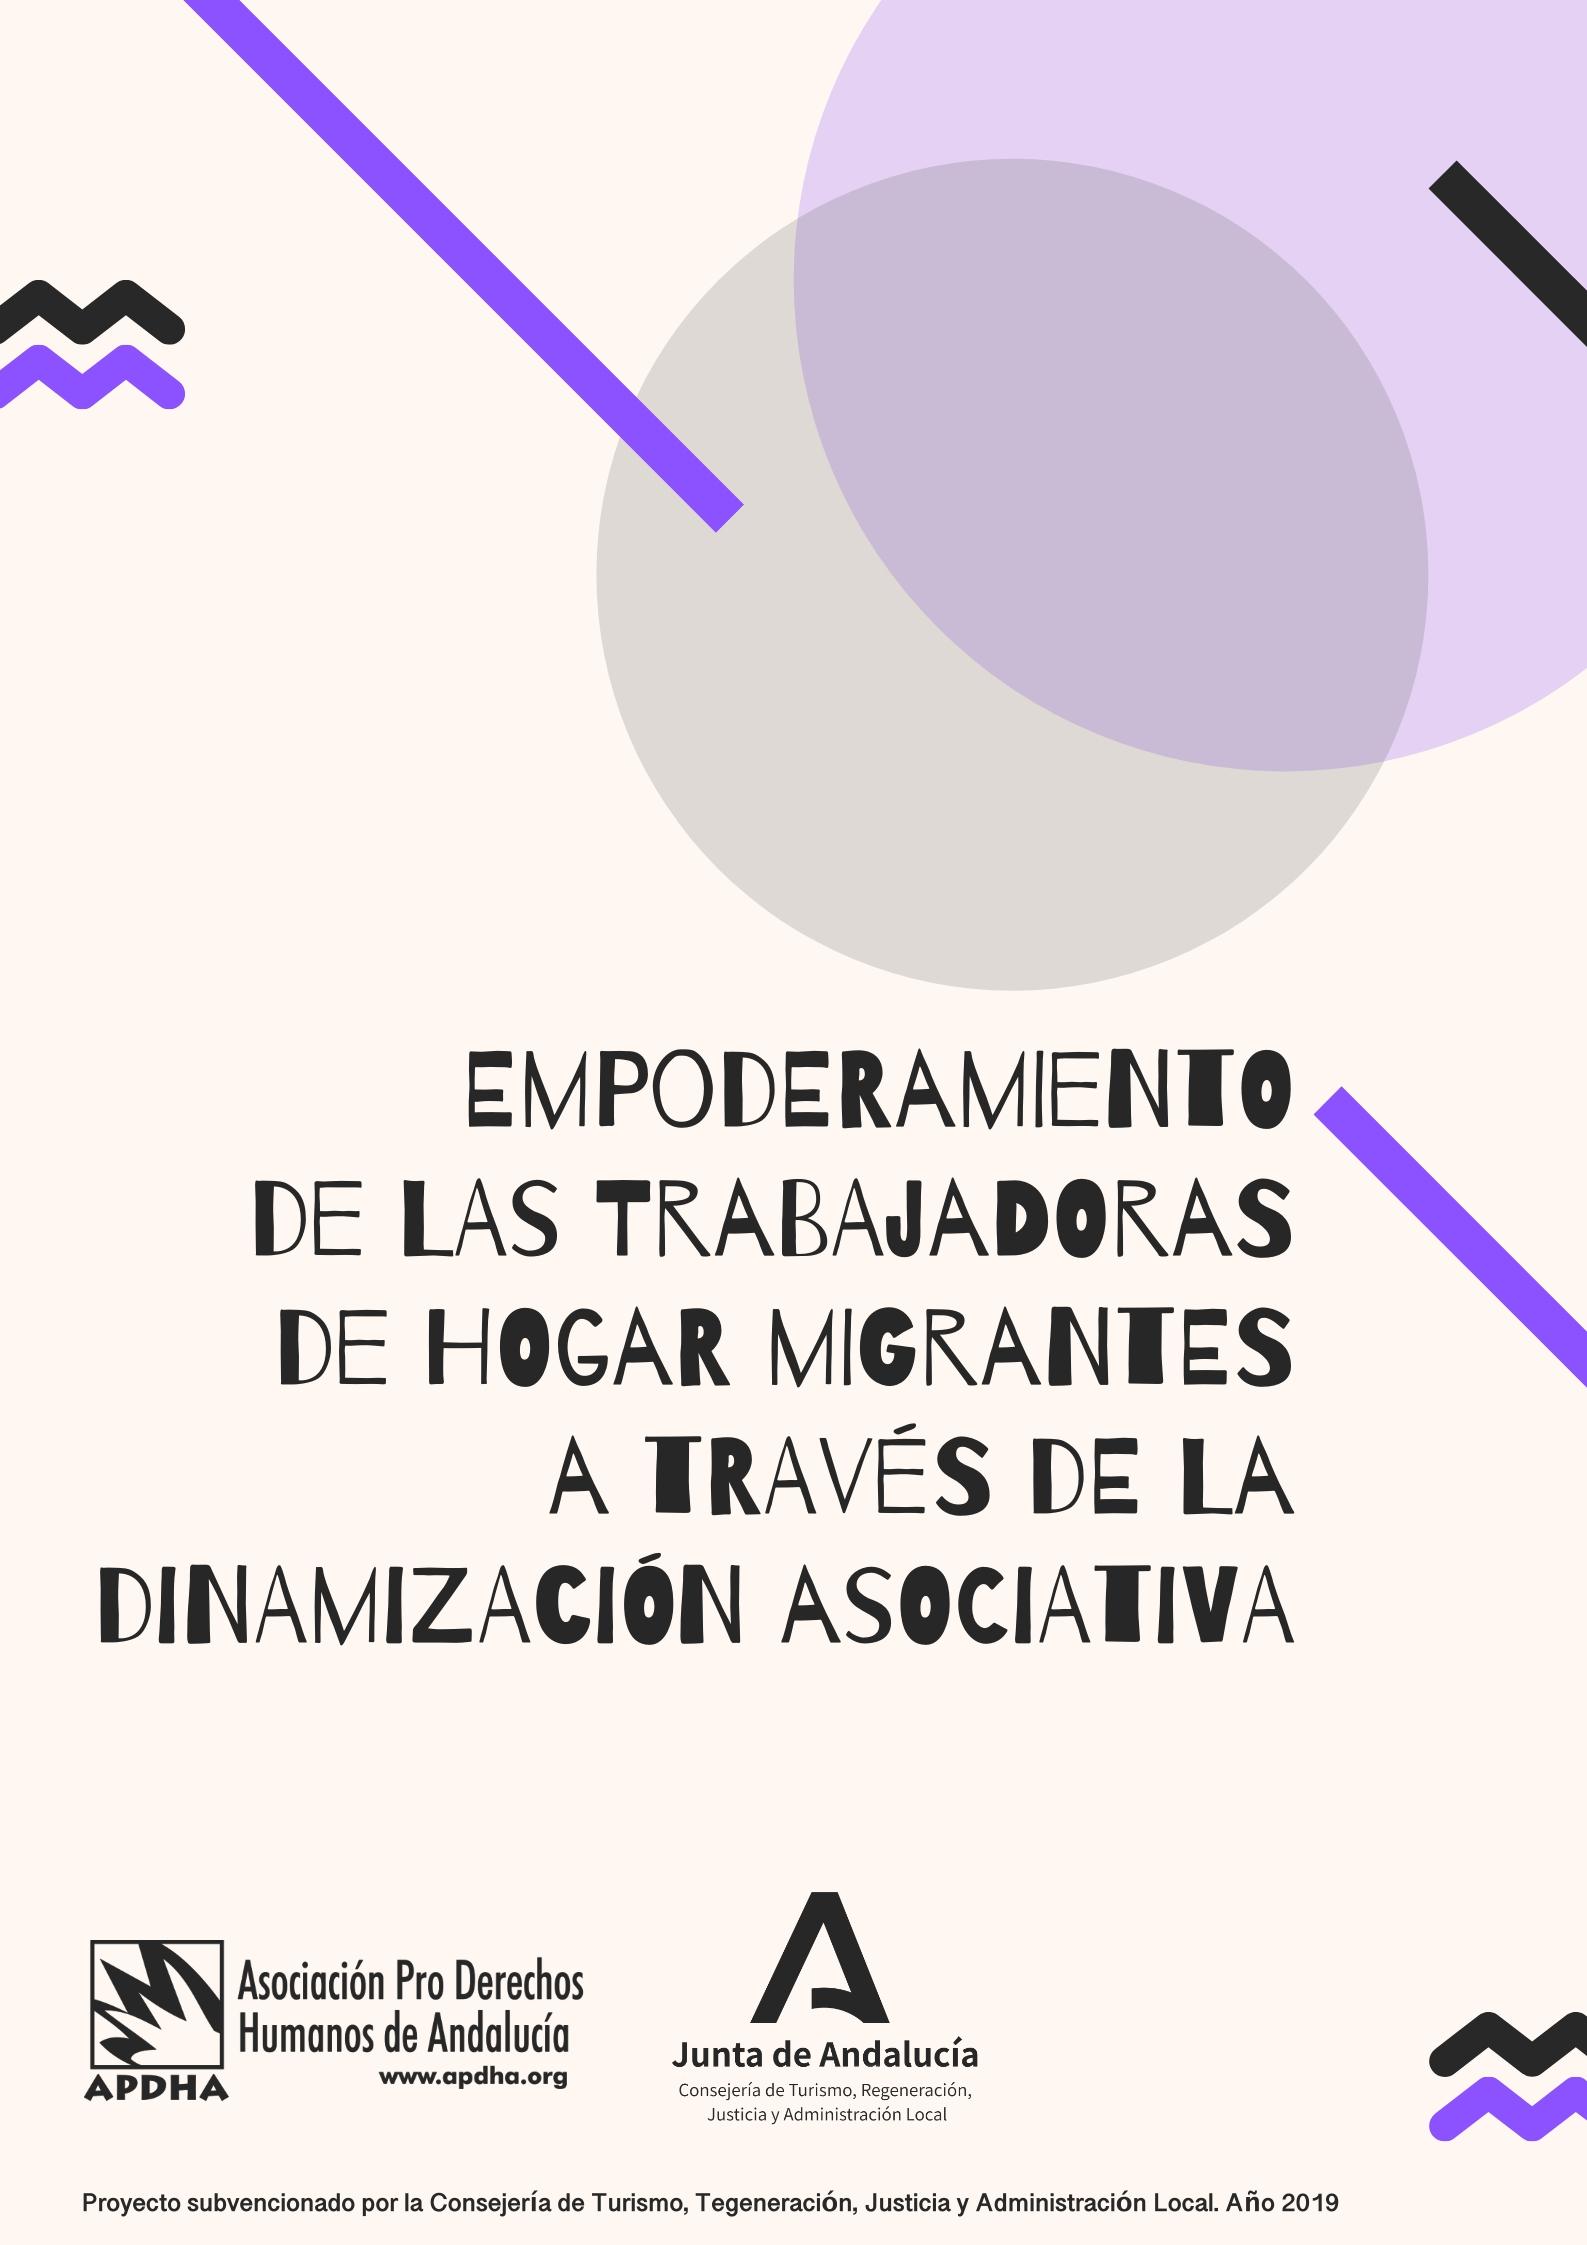 Empoderamiento de las Trabajadoras de Hogar Migrantes a través de la Dinamización Asociativa